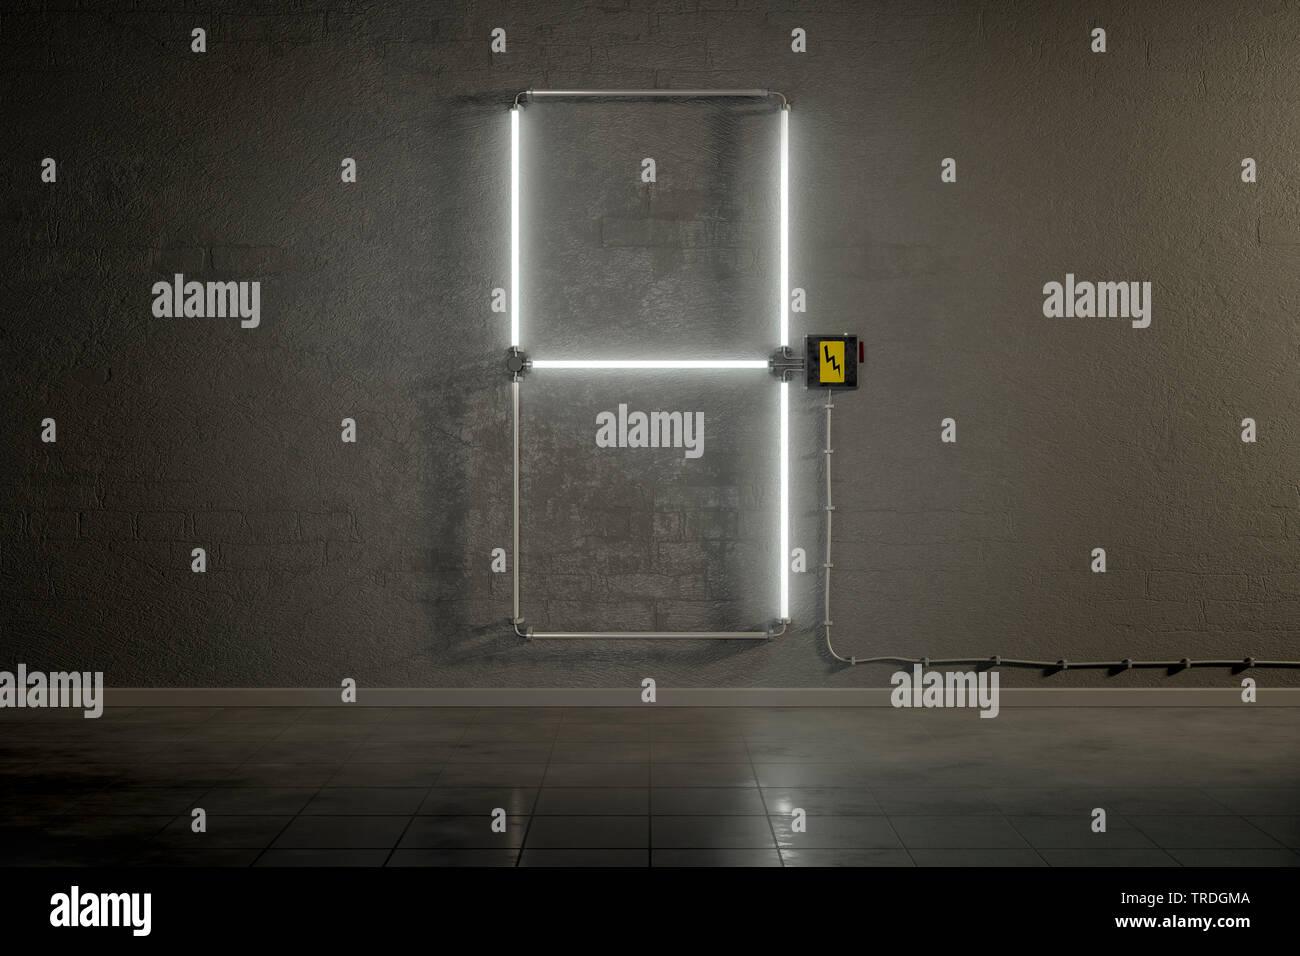 3D-Computergrafik, Einstellige Zaehler-Anzeige aus Neonlampen die Zahl 4 darstellend    3D computer graphic, one-digit counter built out of neon tubes - Stock Image